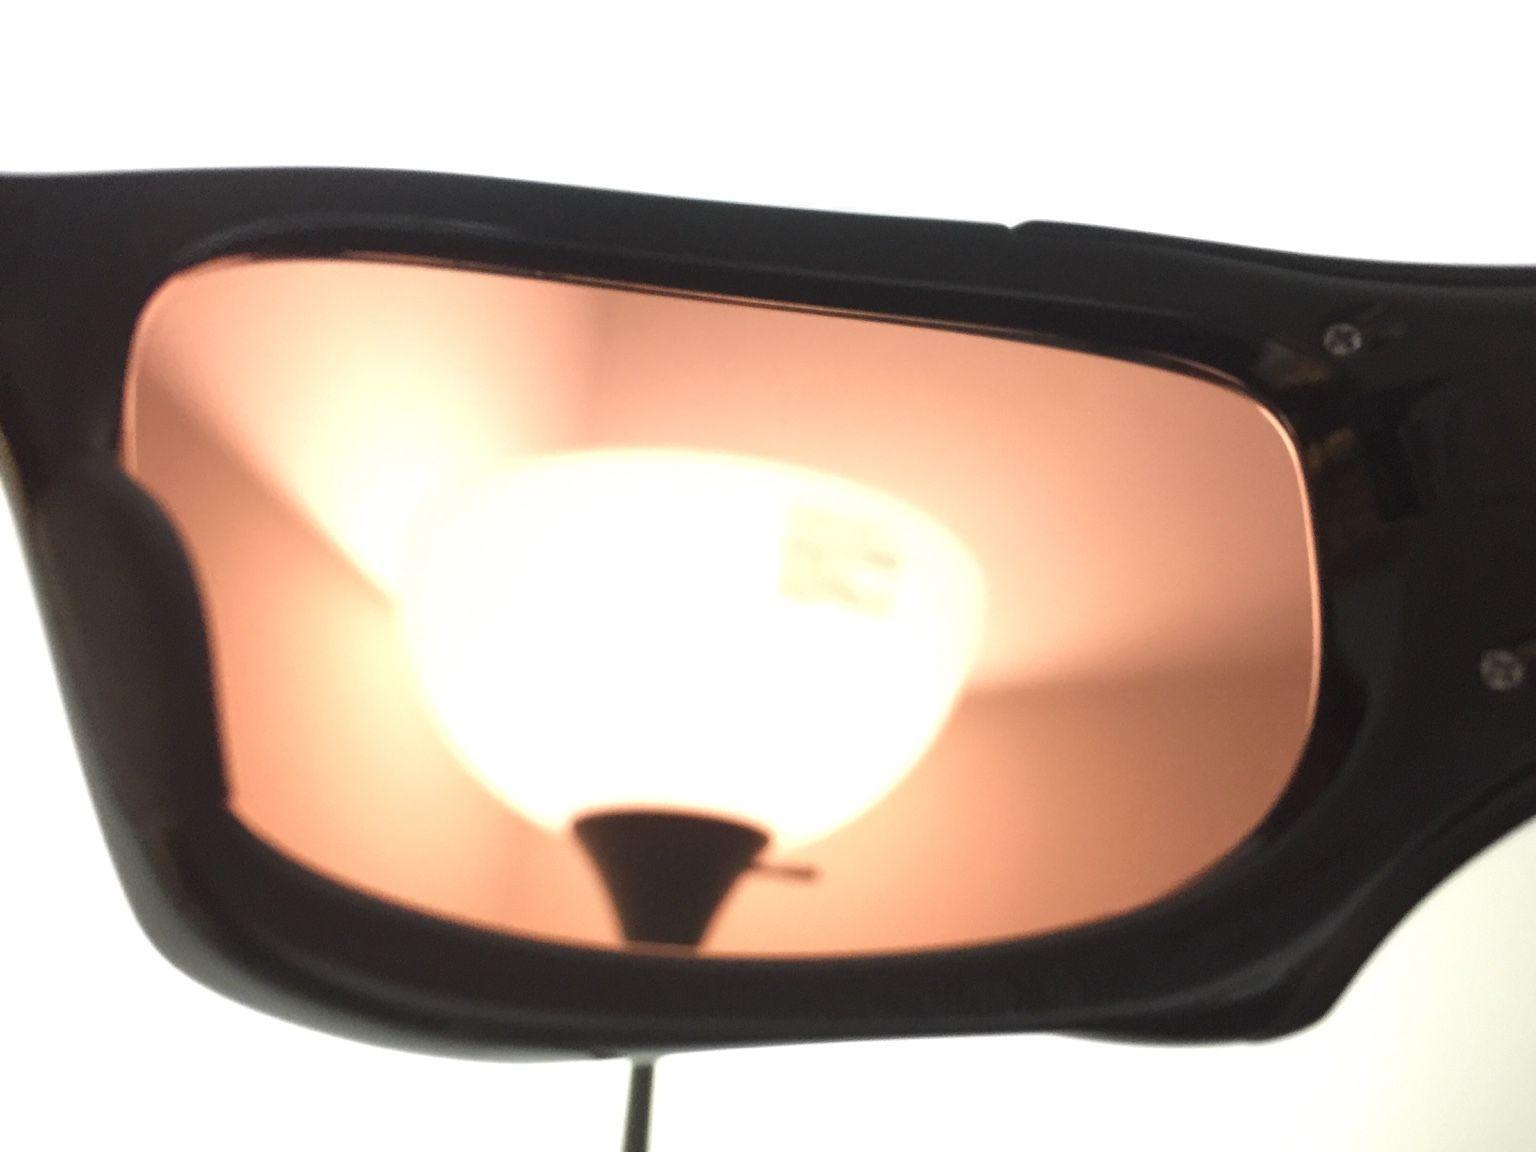 ***GONE*** Polished black PBII with extra lenses - 169c5519ddf4aea970513380e832a8af.jpg